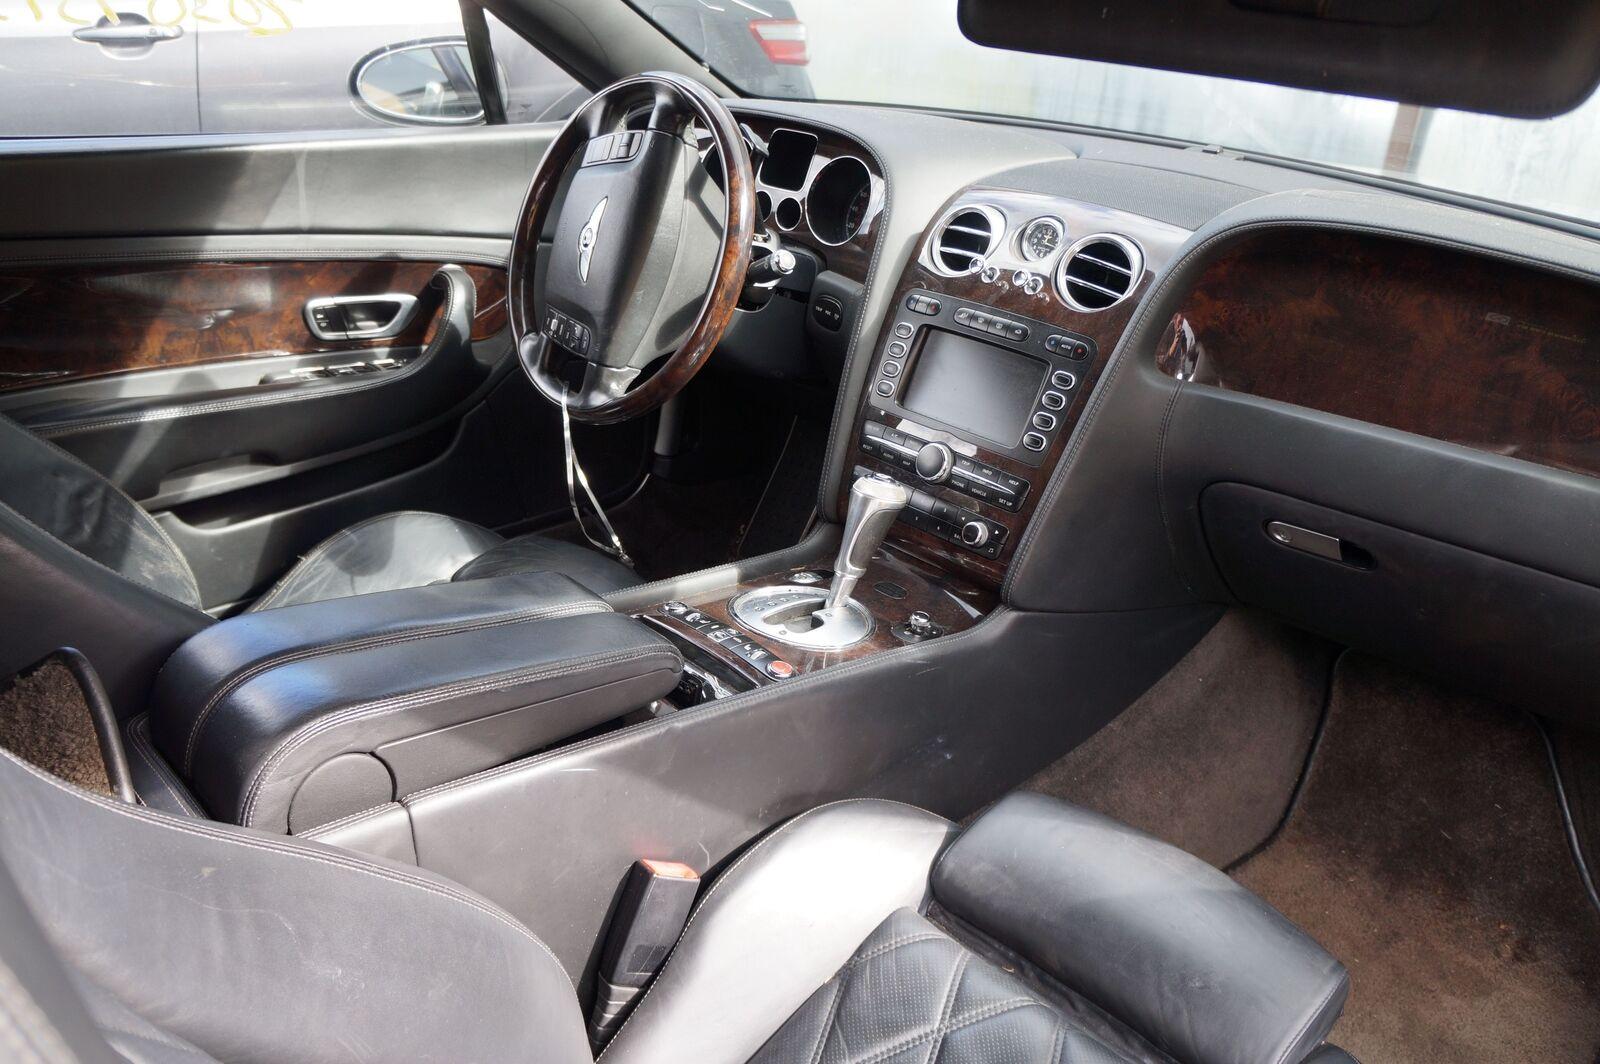 Bentley Gt Fuse Box 07 Electrical Wiring Diagrams Continental Diagram 2007 Auto U2022